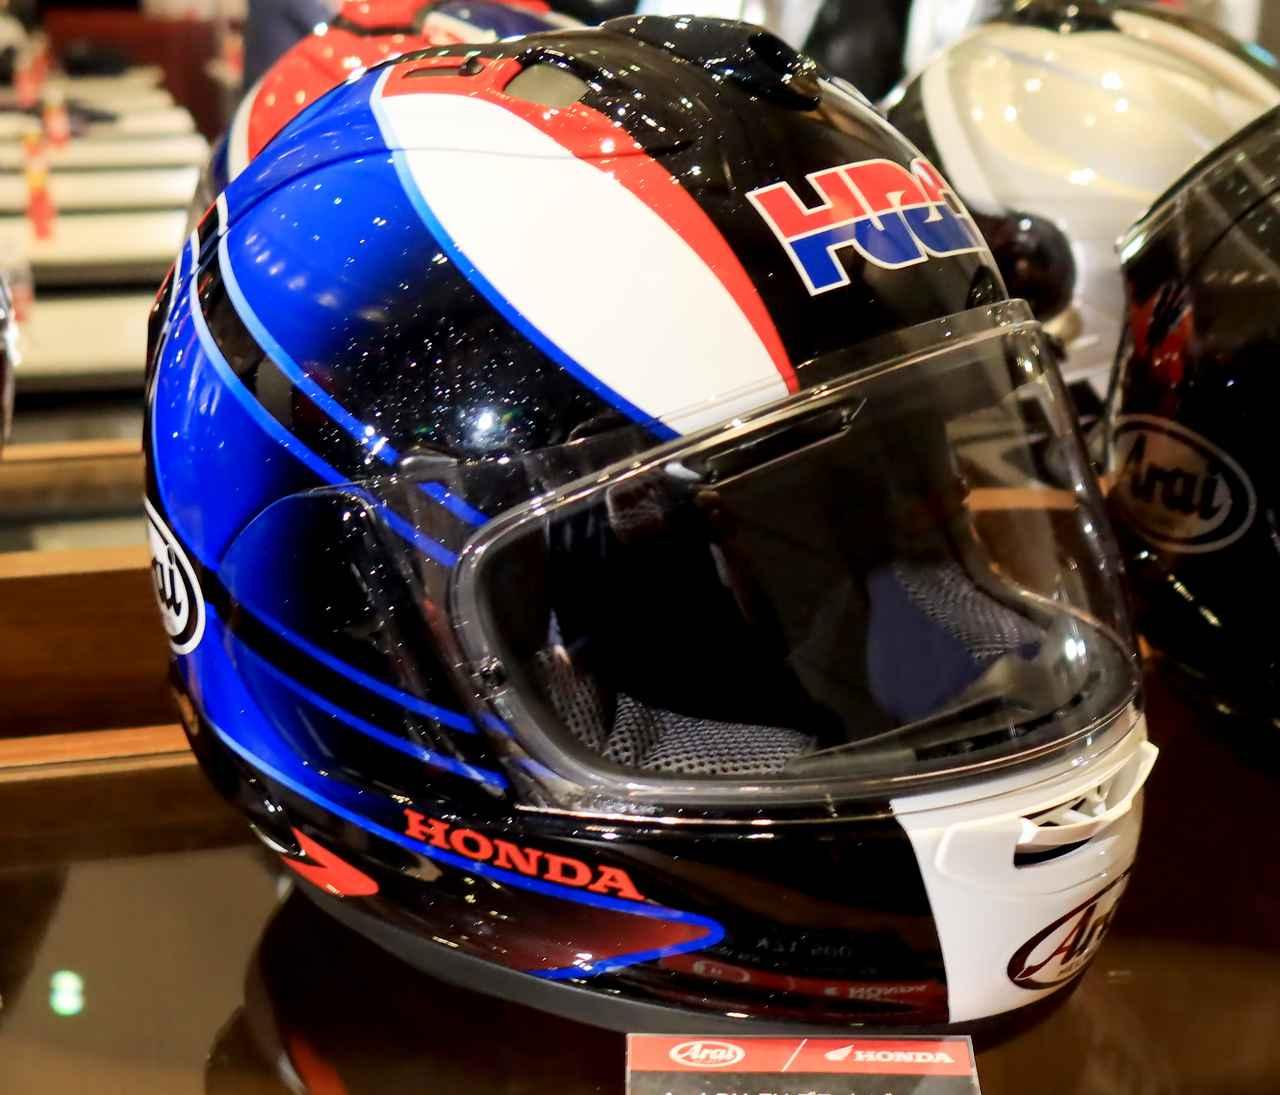 画像2: アライ×ホンダの特注「RX-7X」、額にはHRC! CBR1000RR-Rにぴったりなフルフェイスヘルメットがお披露目された!